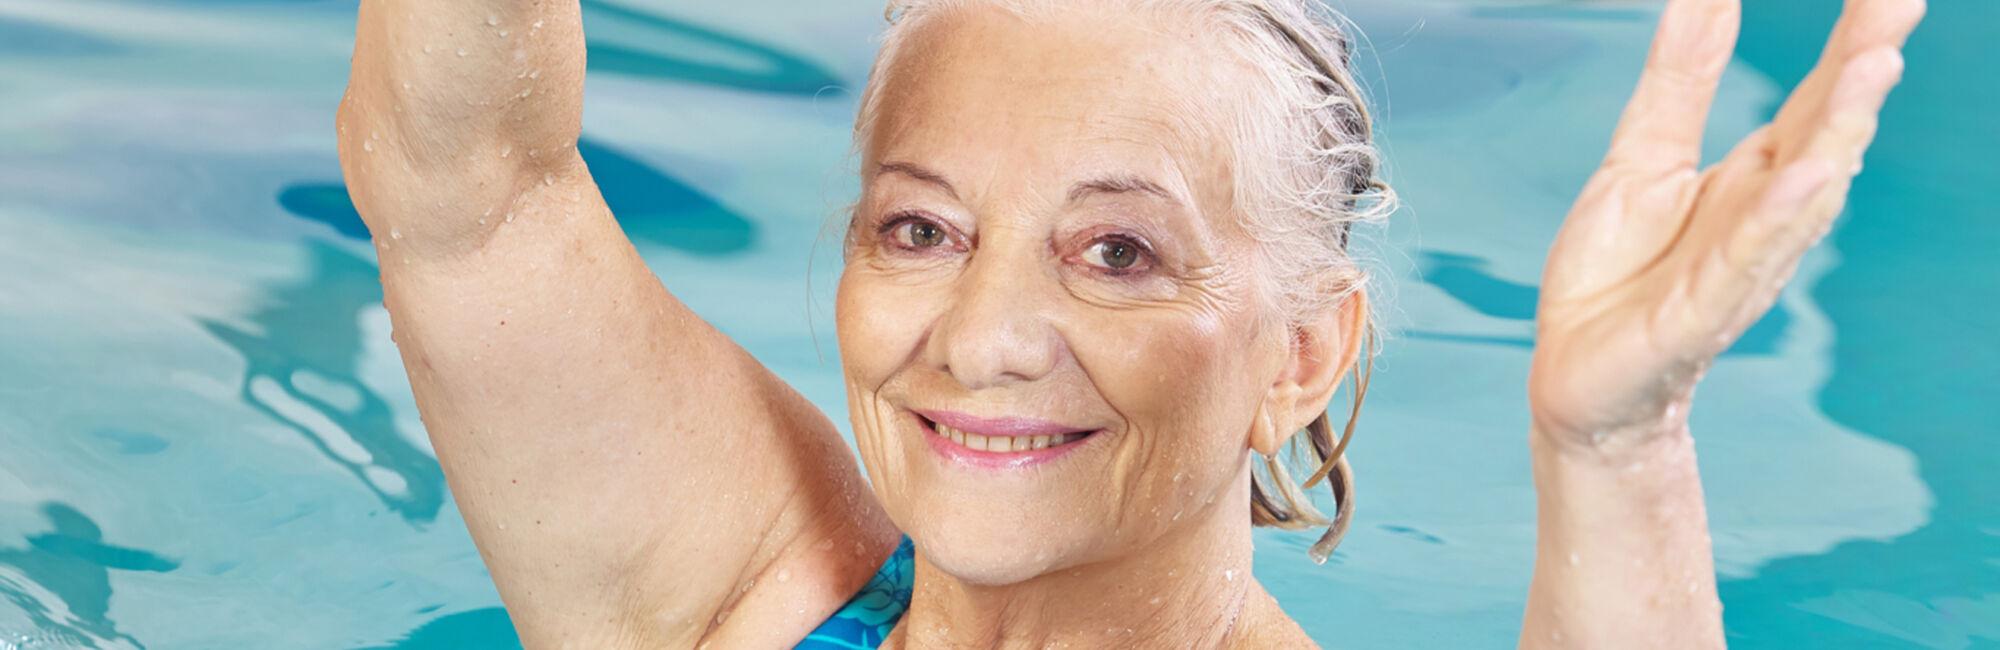 Headerbeeld zwemles voor dames - Portret van vrouw in het zwembad